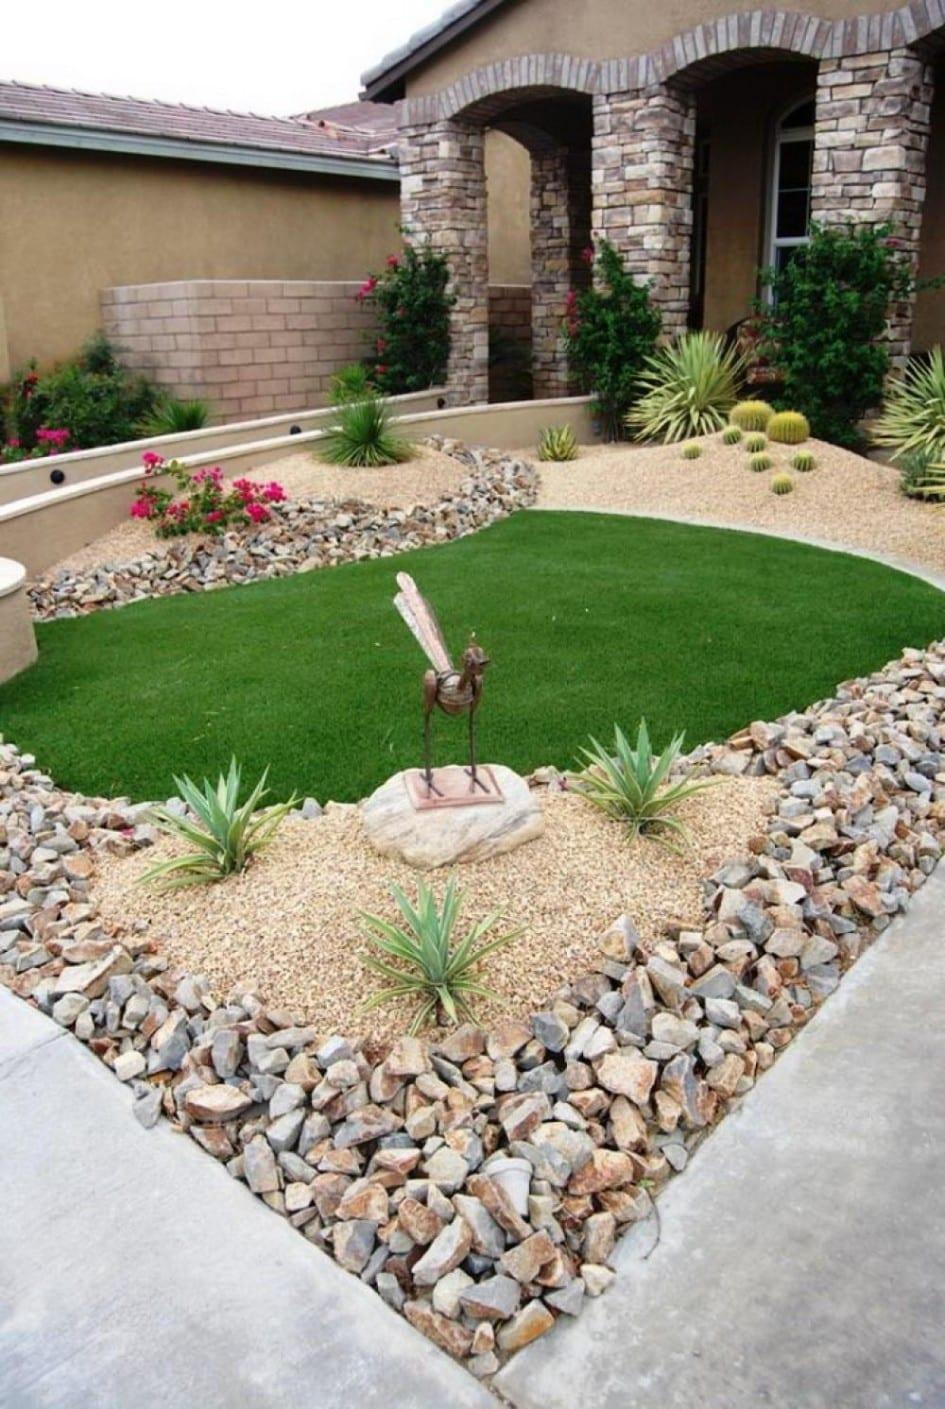 vorgarten - ideen fürs vorgarten gestalten - freshouse, Garten ideen